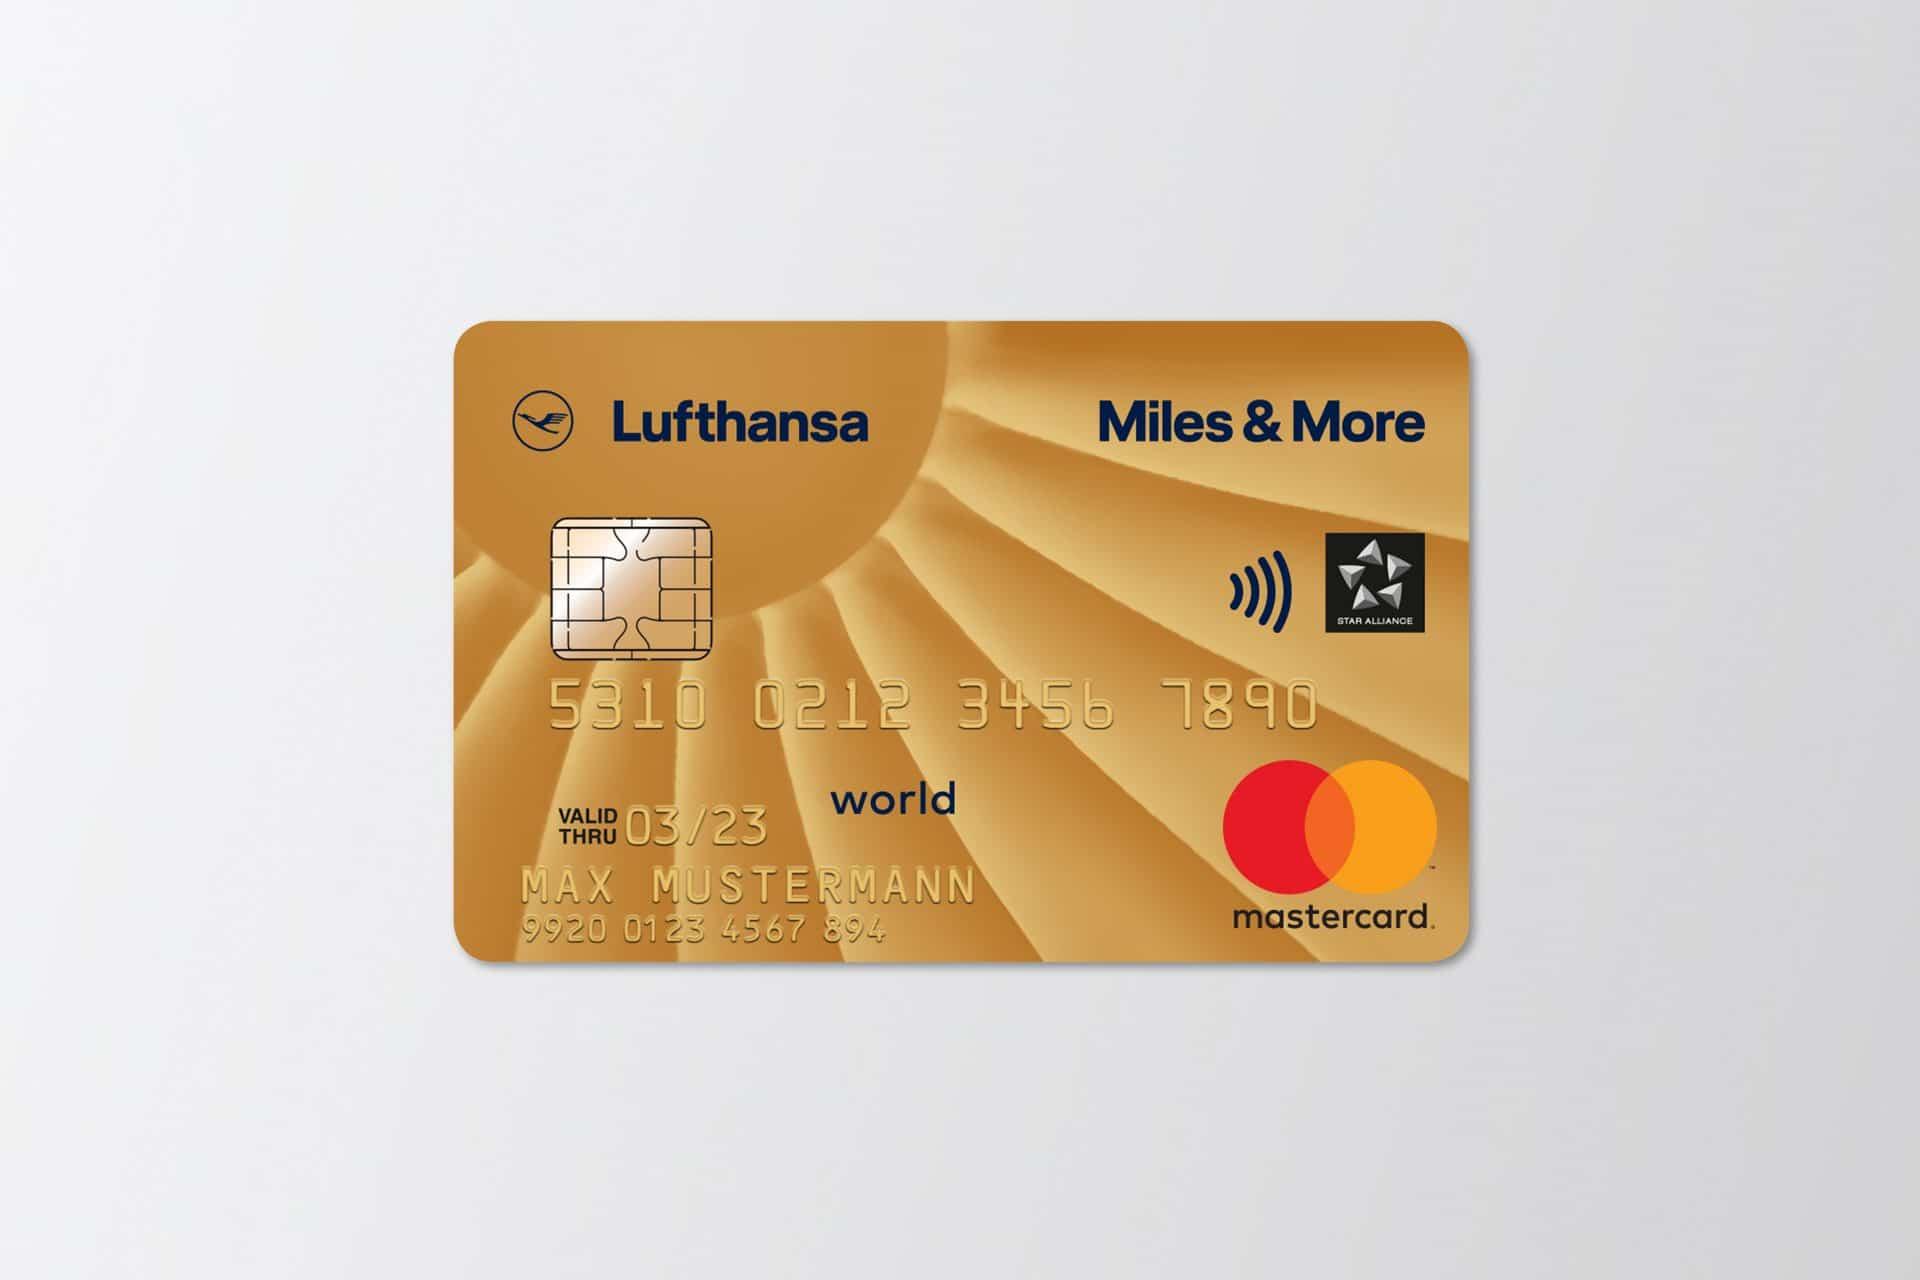 Warum-lohnt-sich-die-Beantragung-der-Miles-More-Kreditkarte-gerade-jetzt-